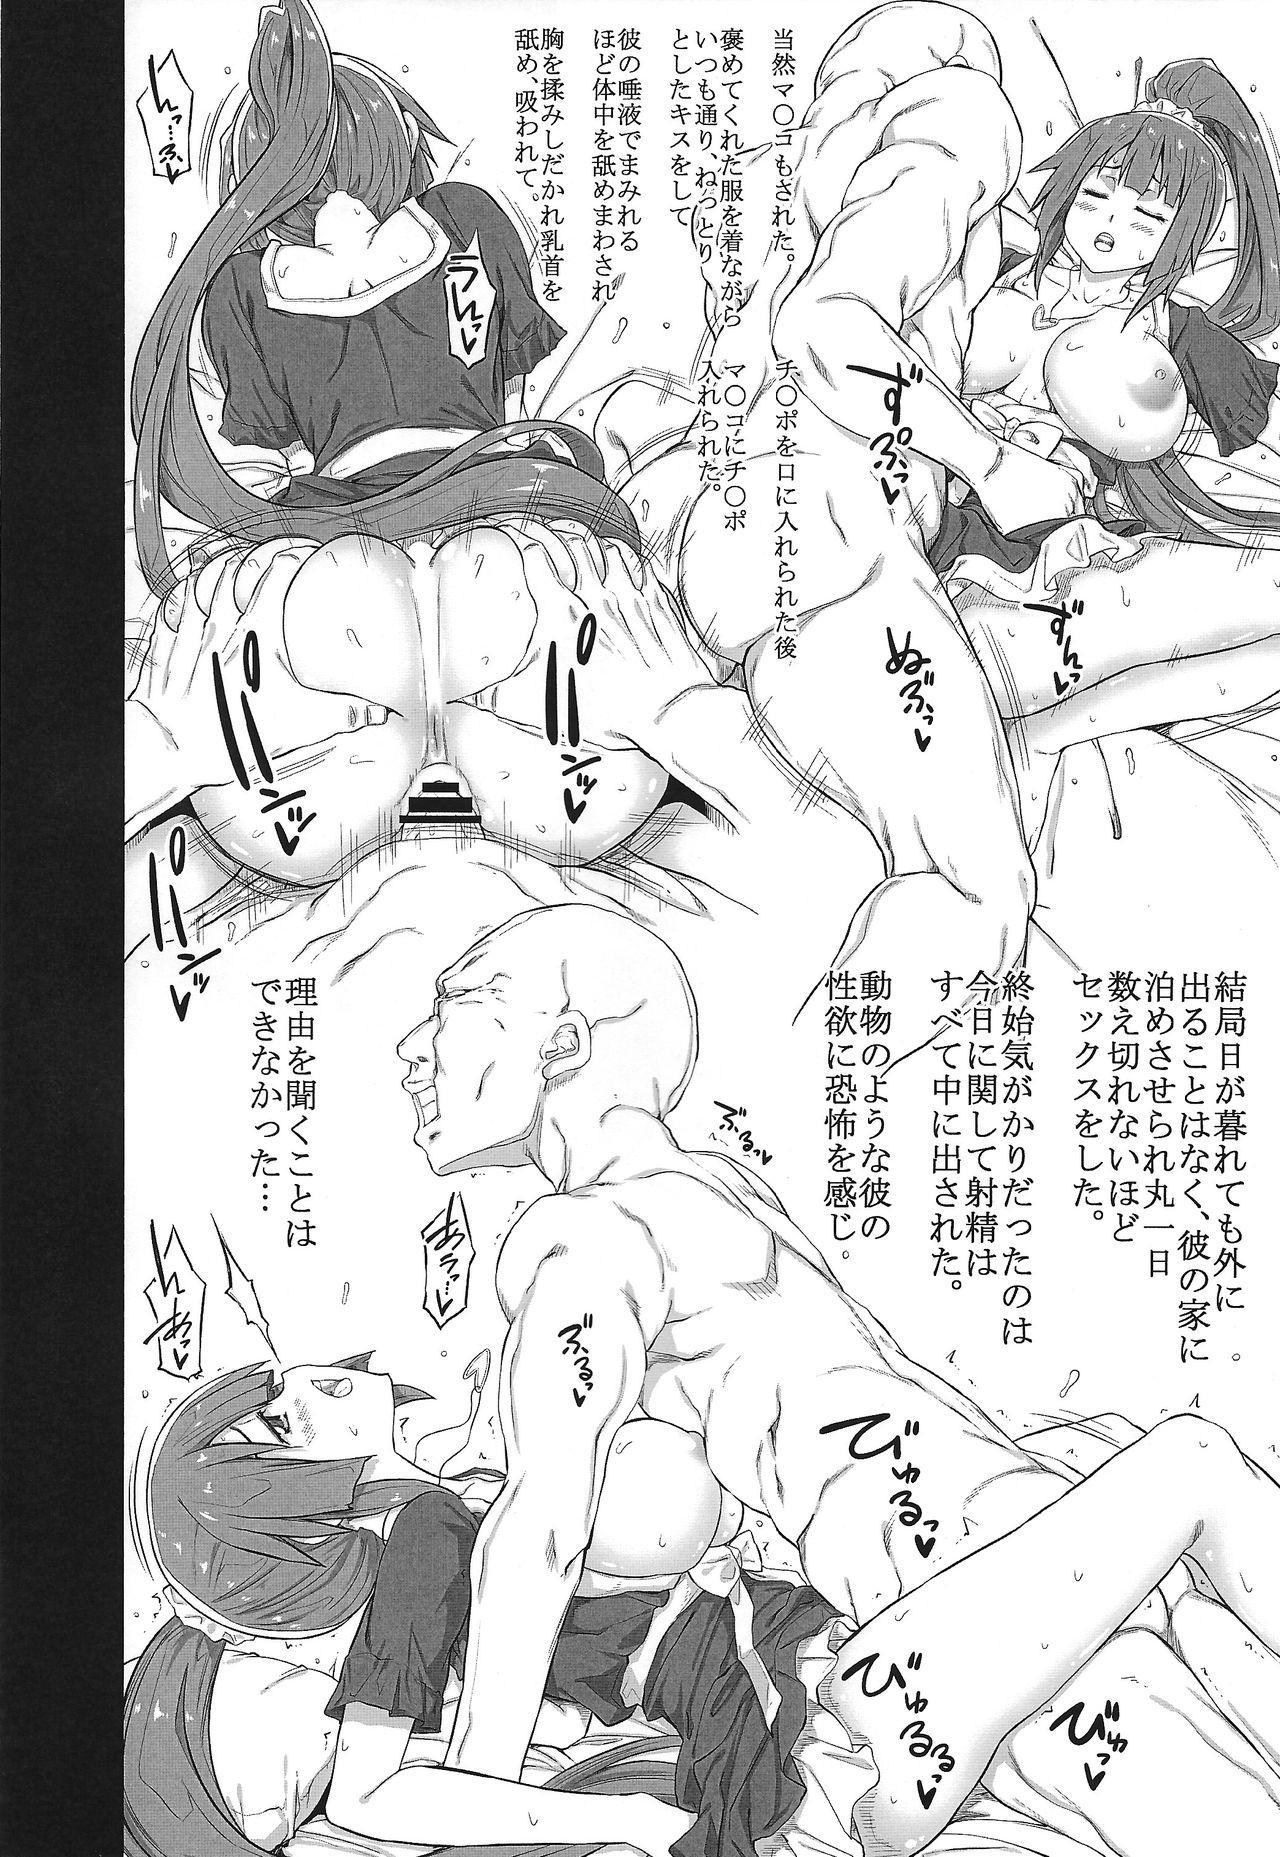 Nichiyou x Doujin 6